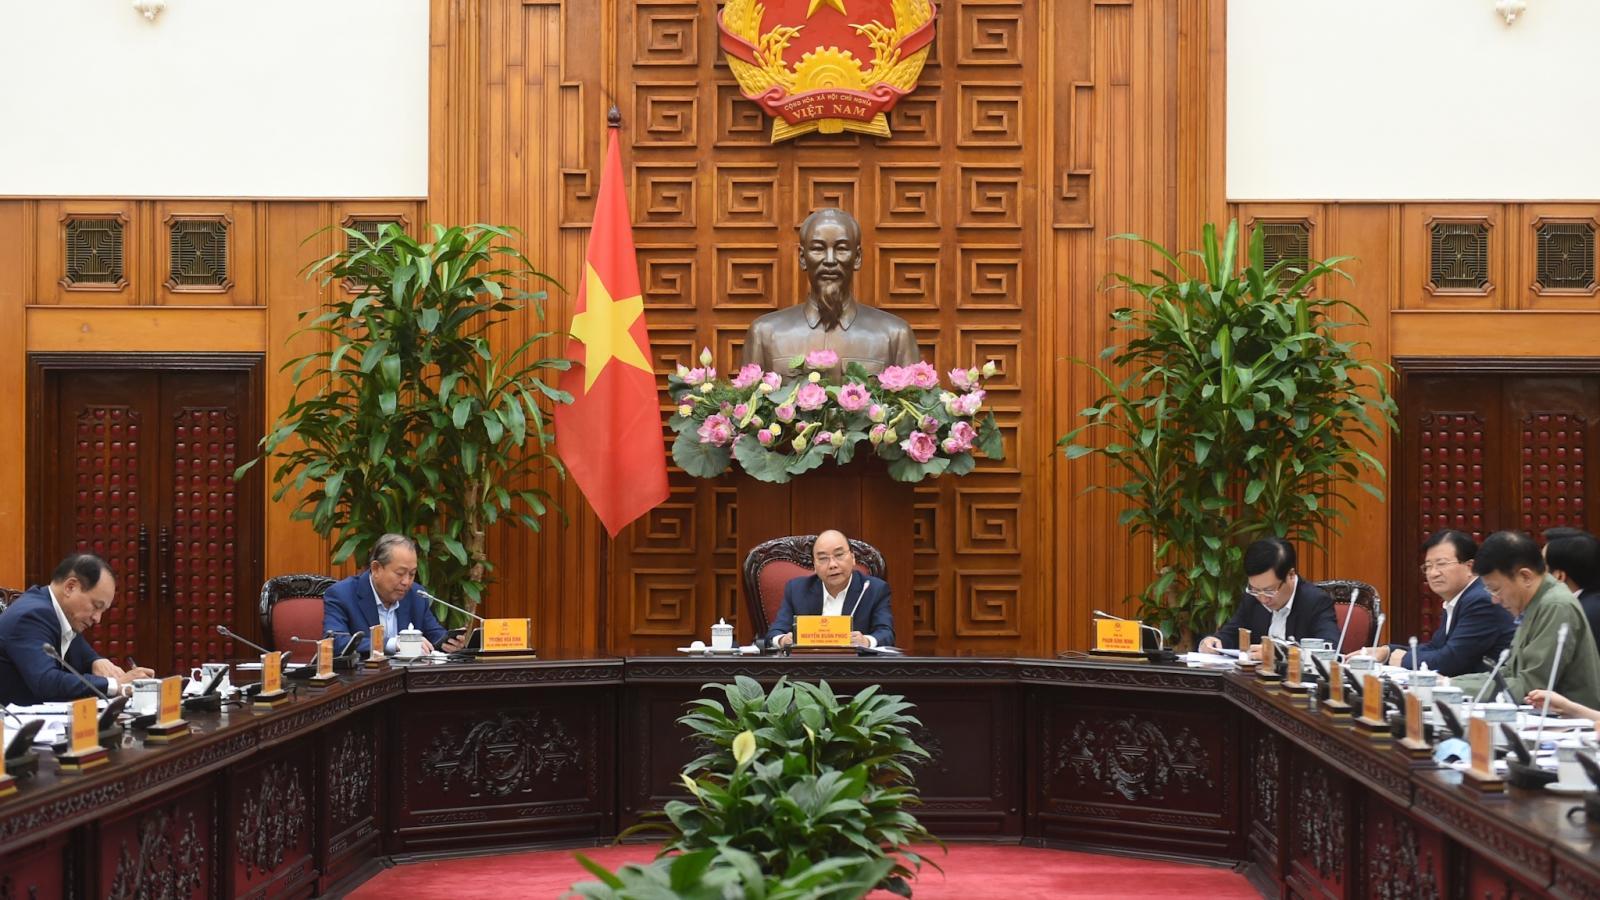 Thủ tướng: Nhà nước đầu tư cao tốc không vì mục đích lợi nhuận